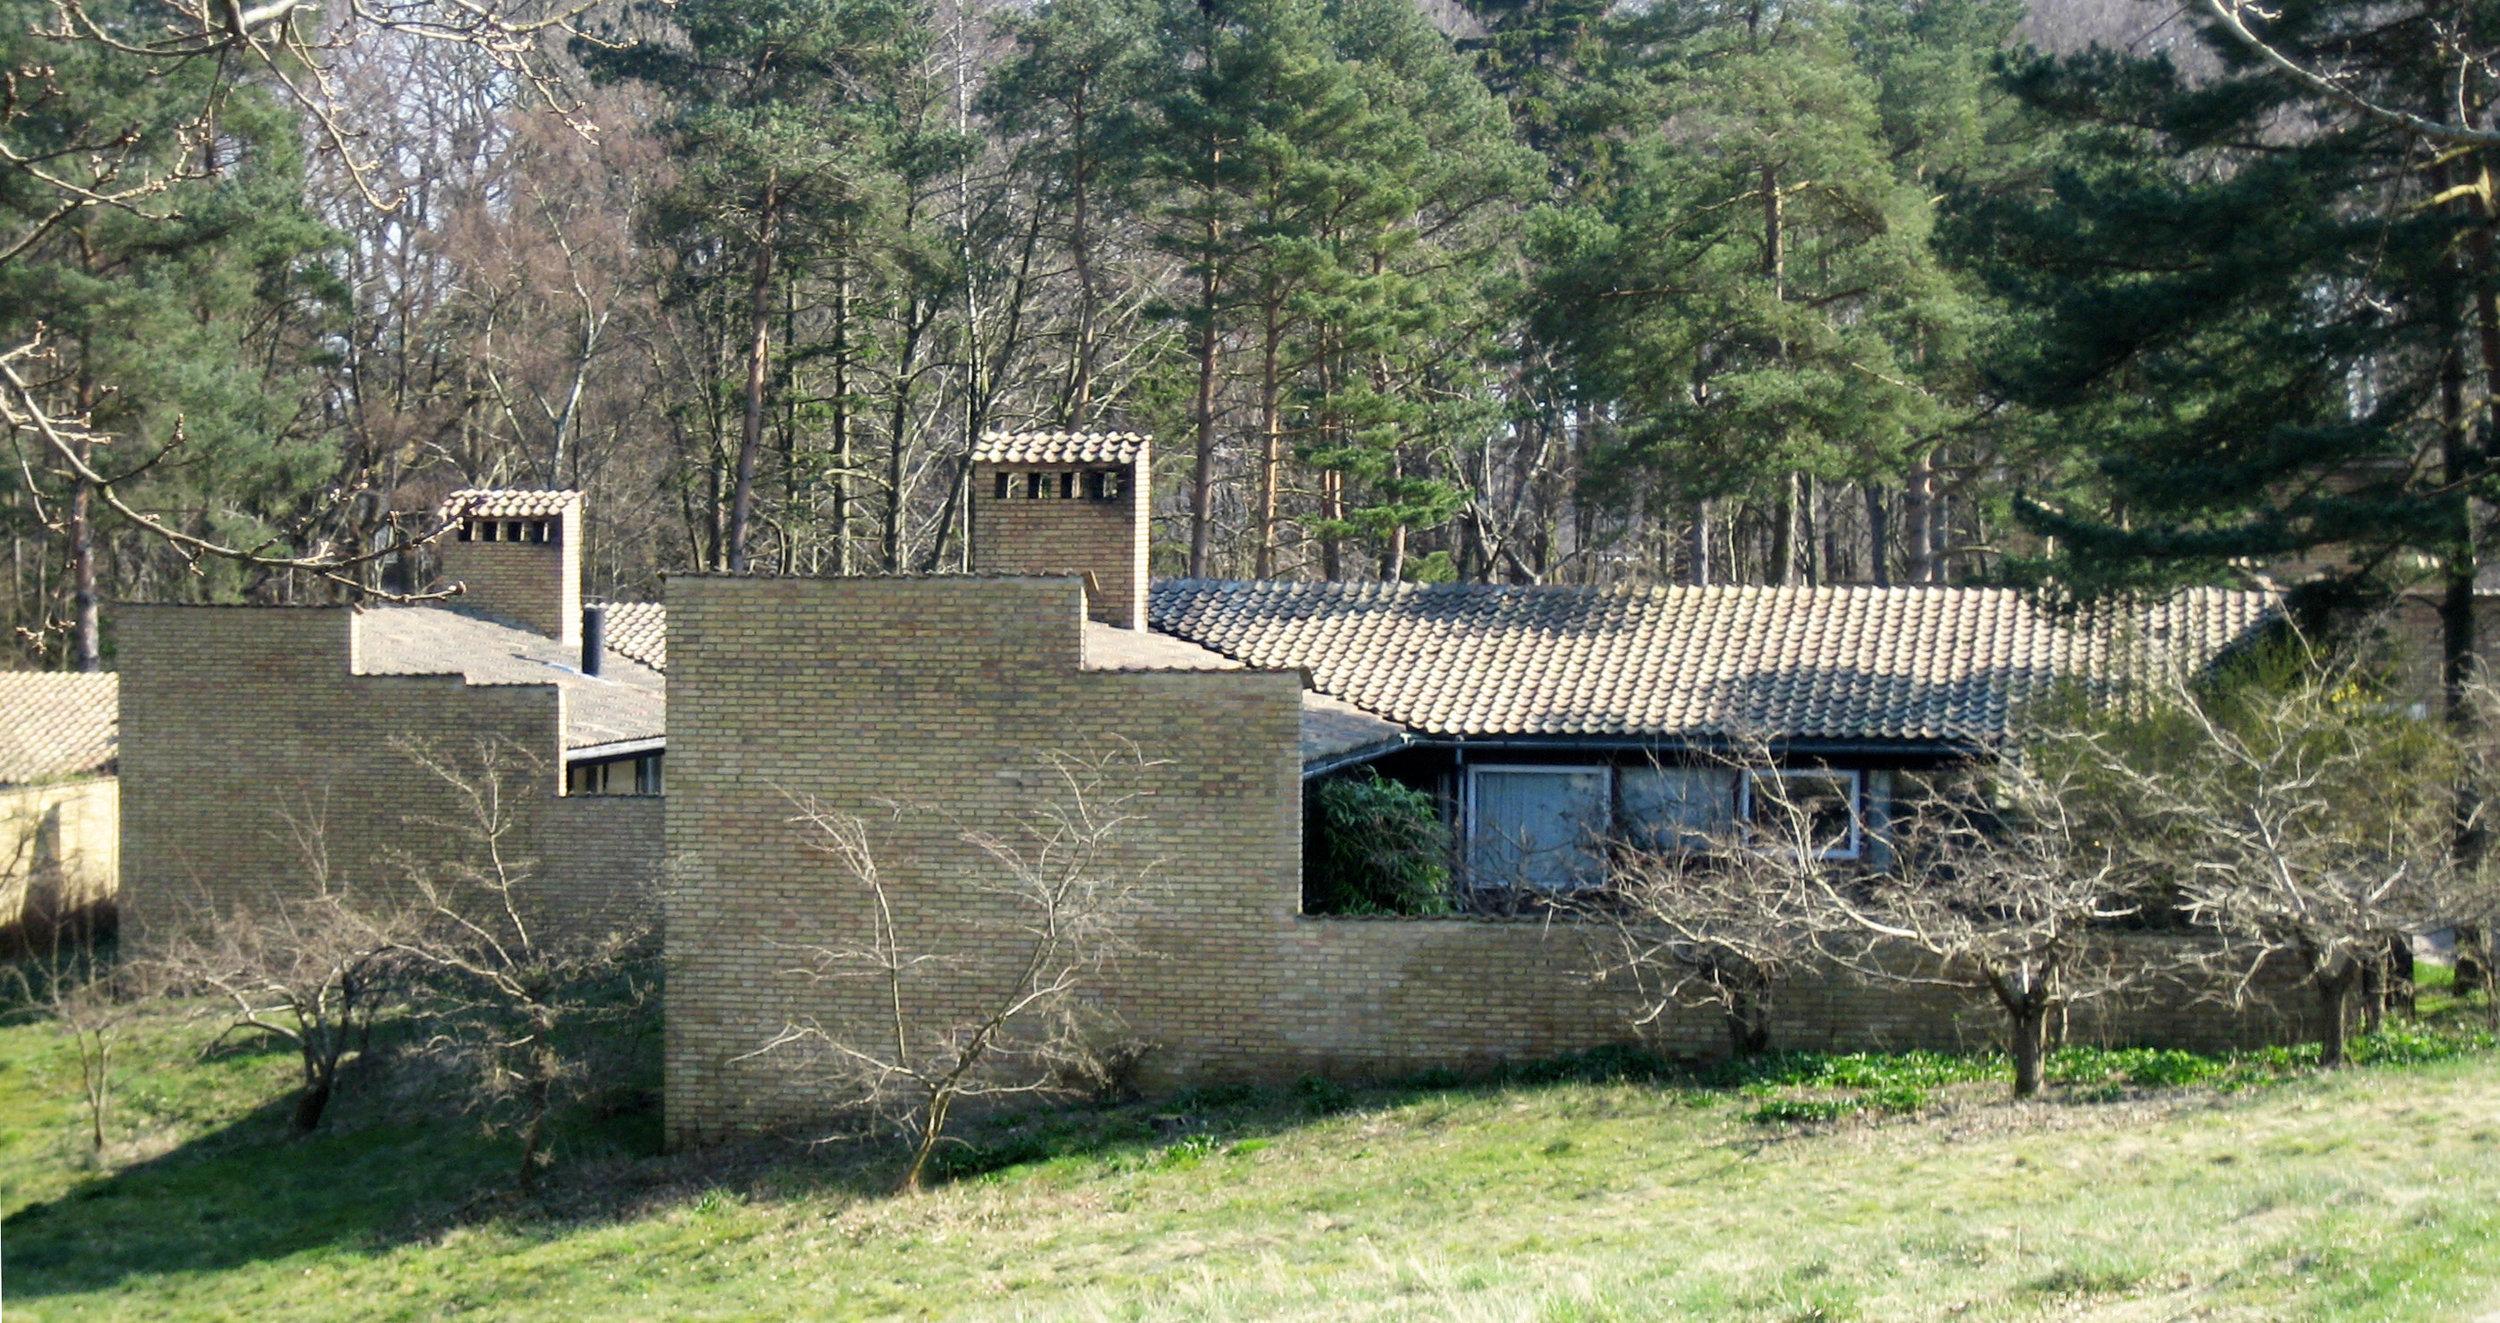 Fig 5. Kingo Houses, Helsingør, Denmark, Jørn Utzon. Photograph by Jørgen Jespersen